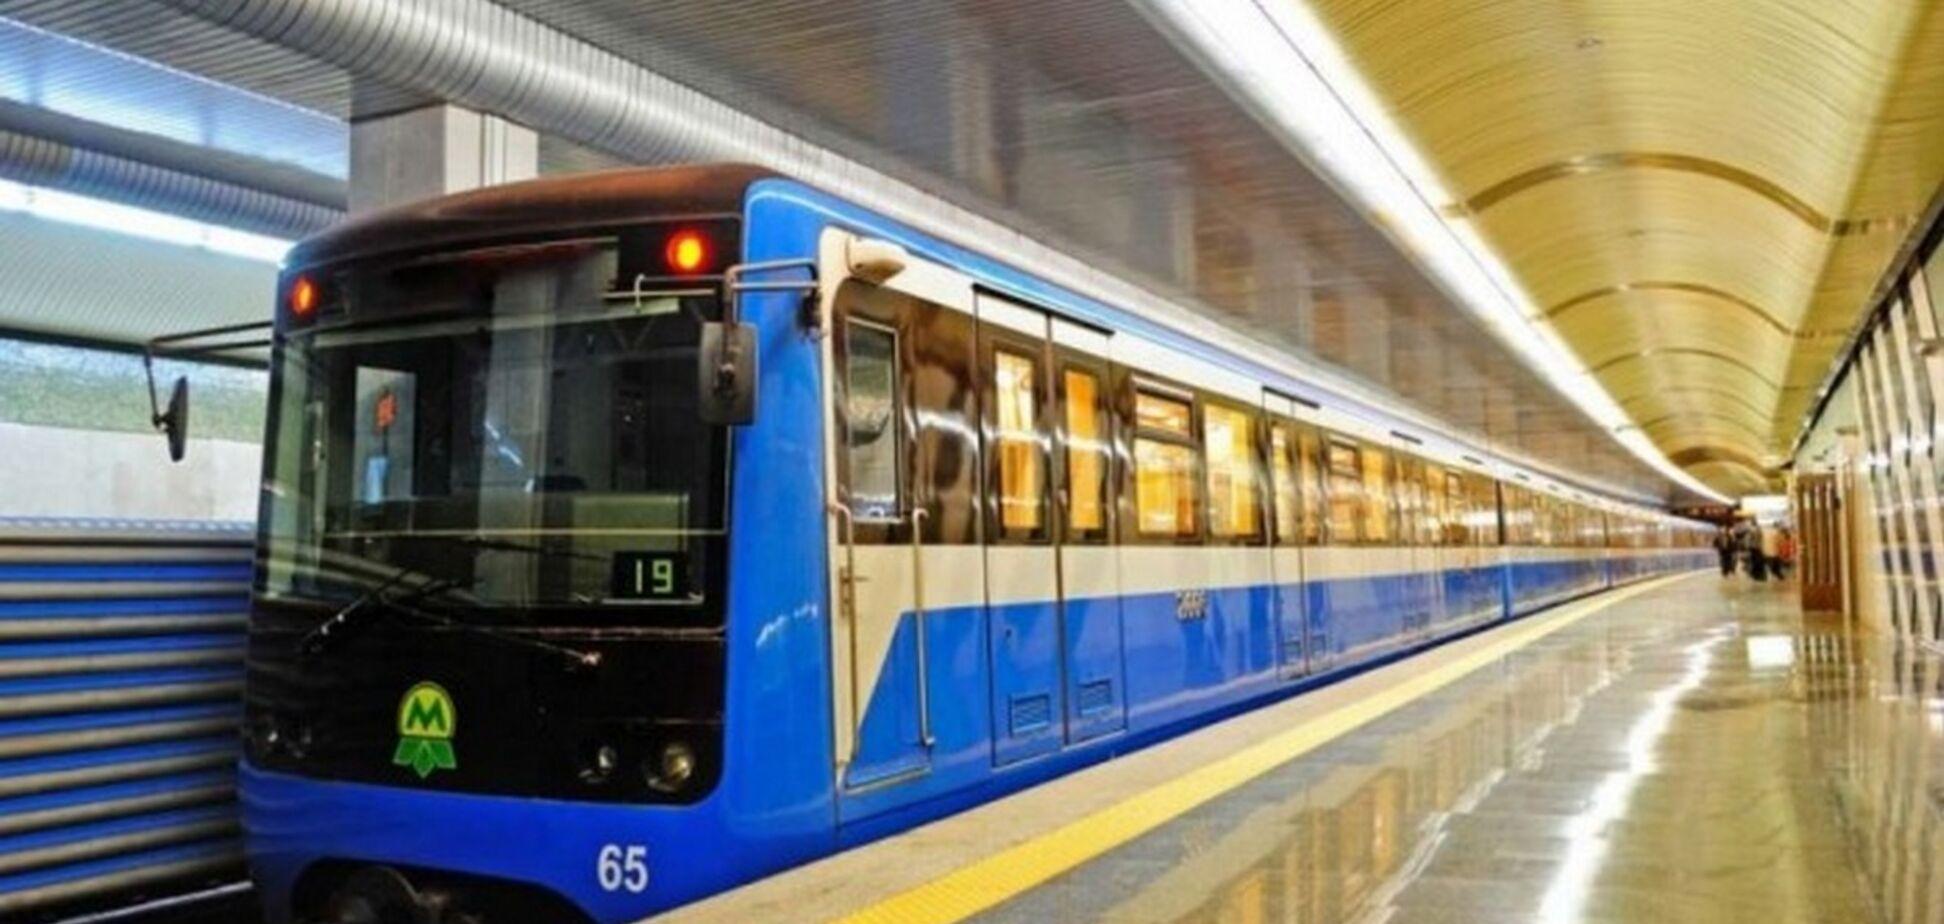 'Ведомости' закрыли метро во Львове